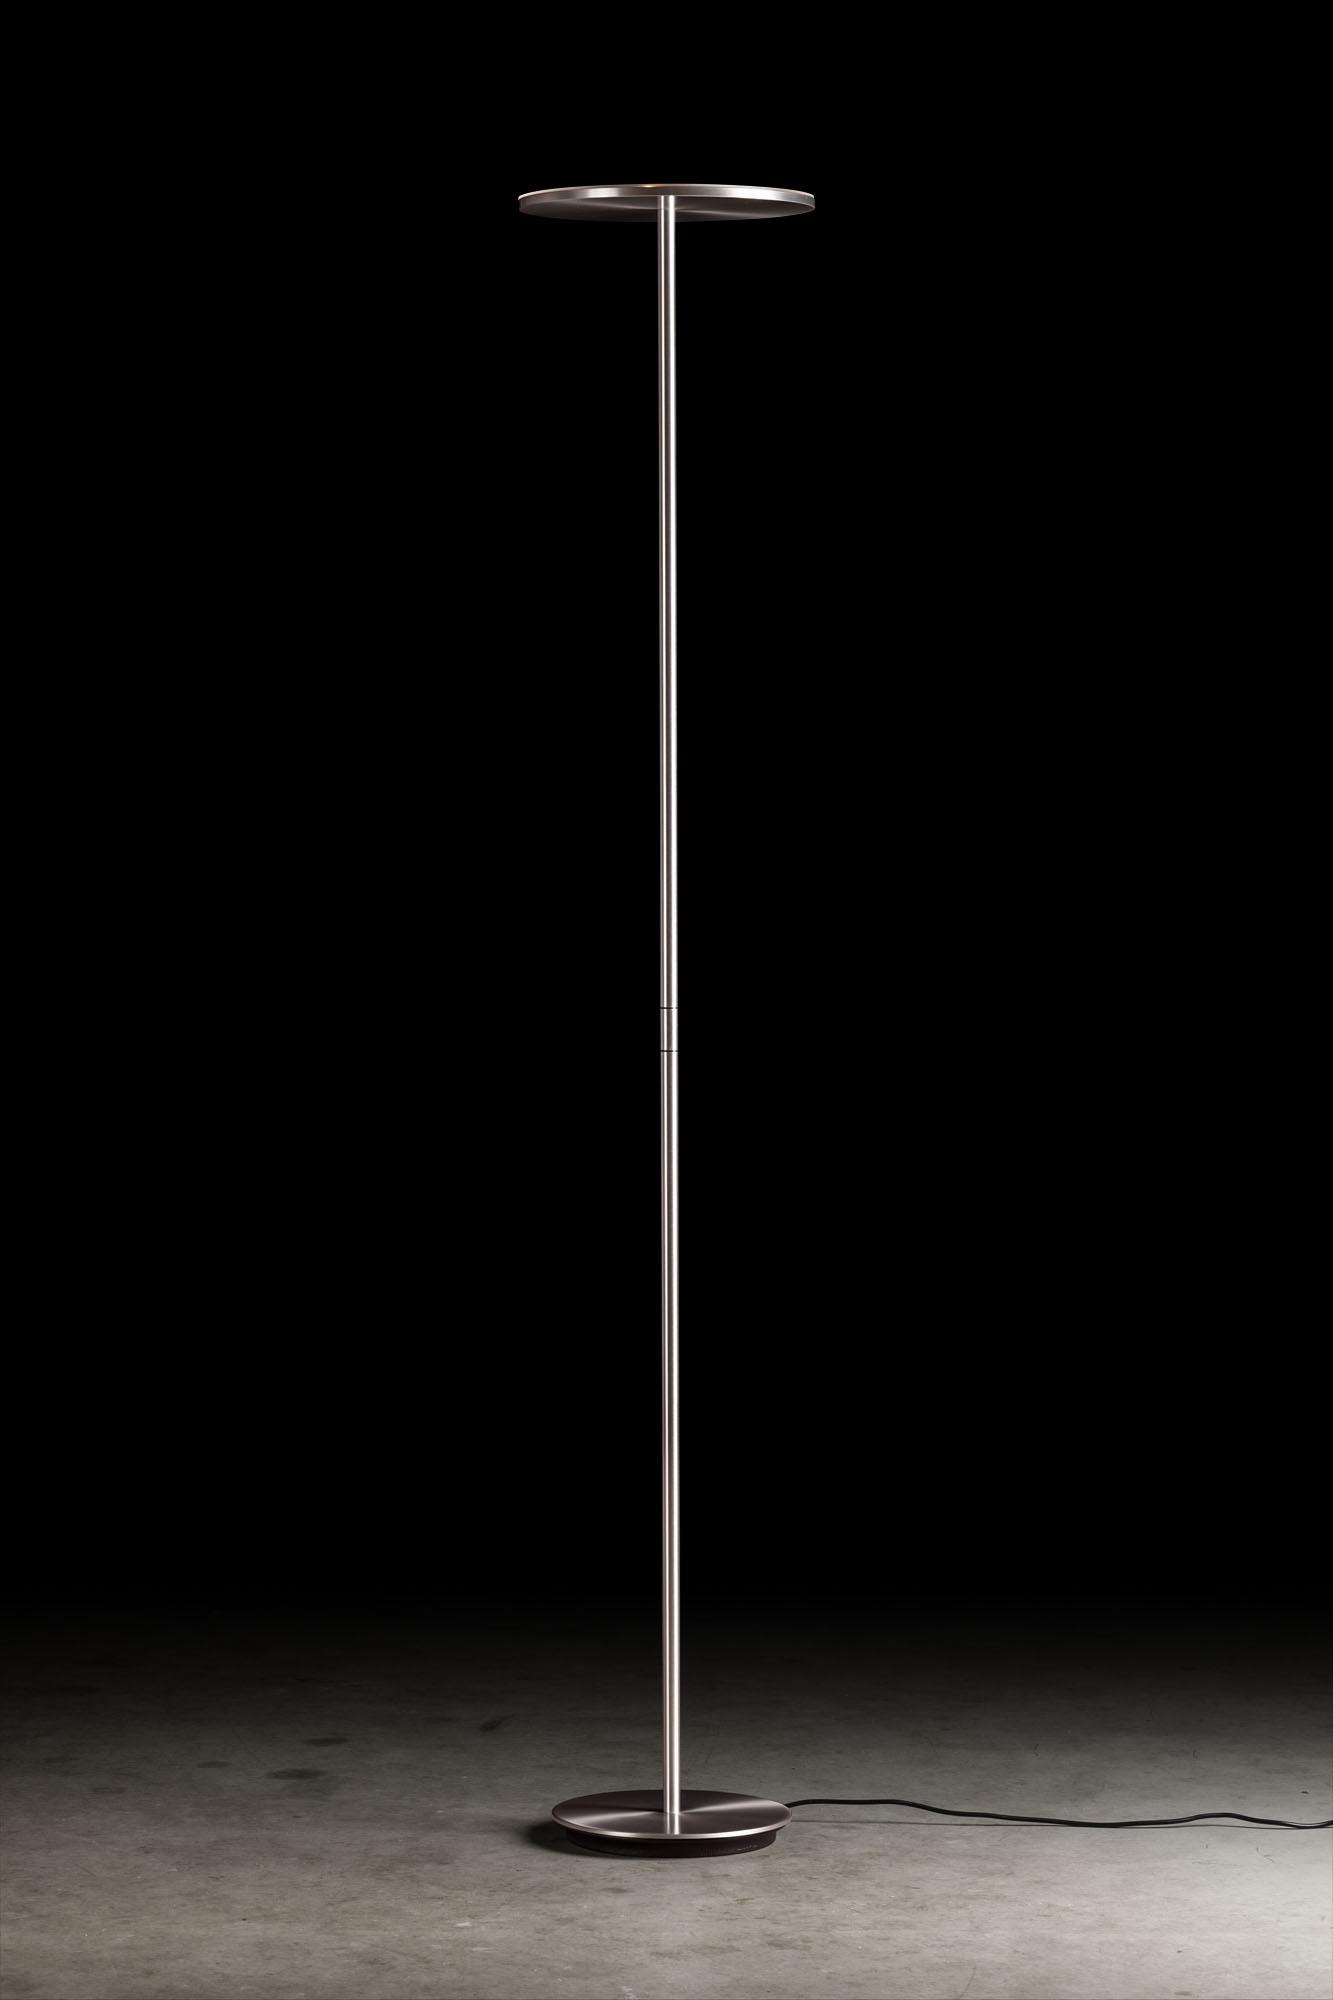 Holtkötter LED-Deckenfluter PLANO 185cm Alu 9901-4-79